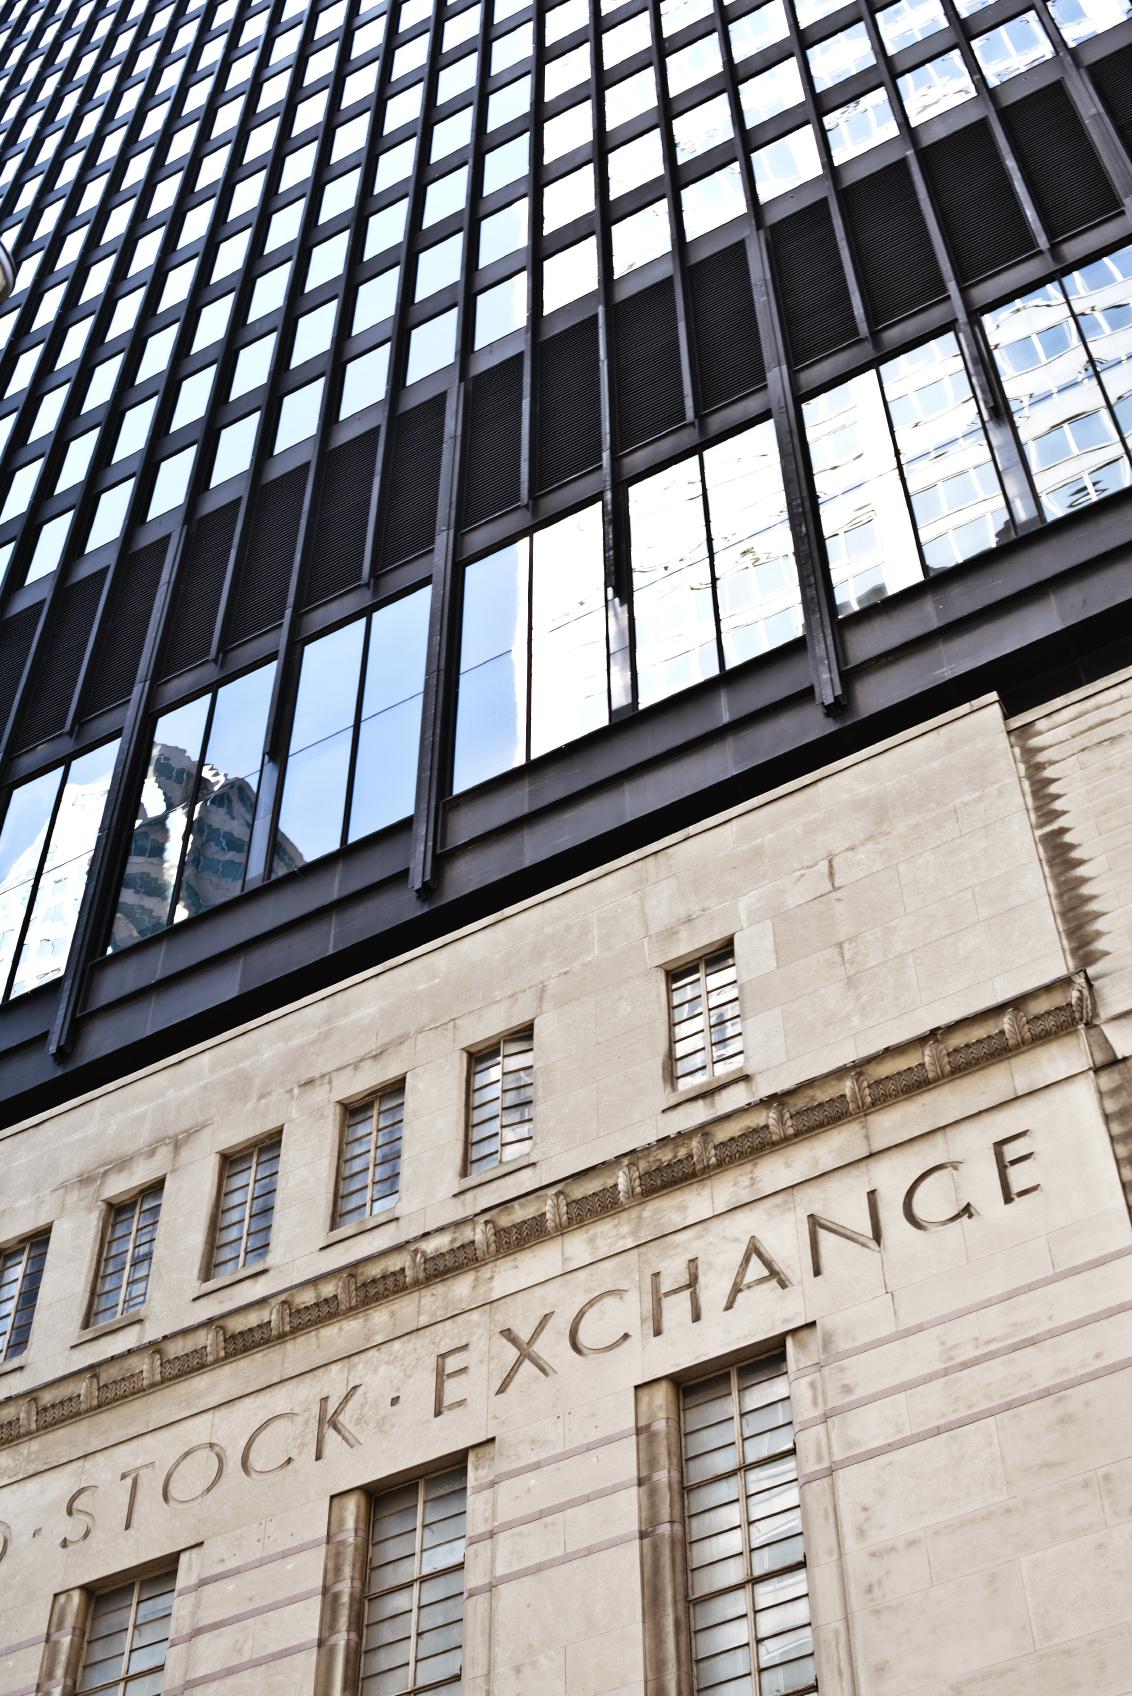 Toronto_Stock Exchange